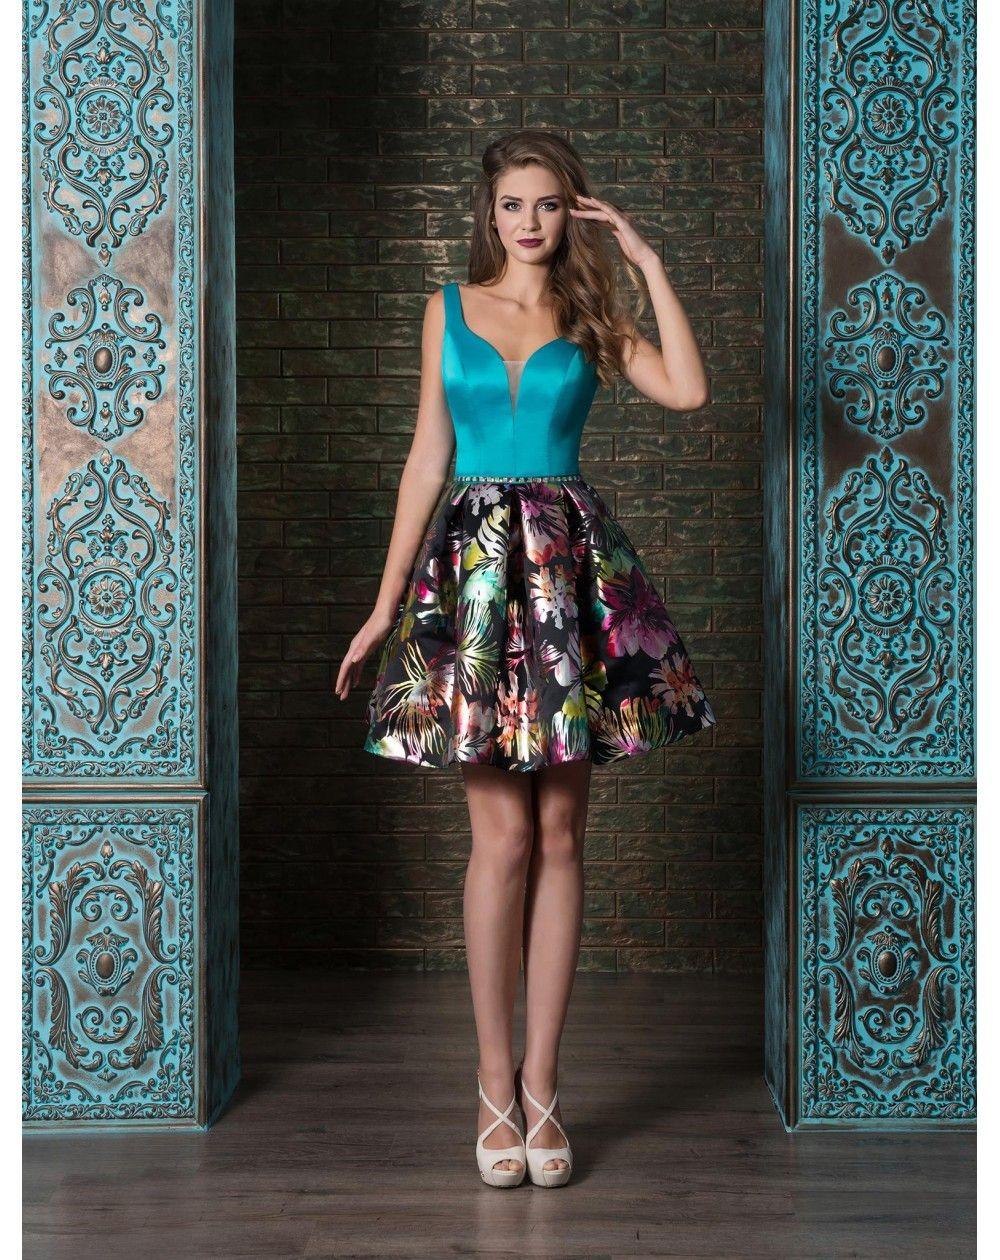 094579f793305 Krátke spoločenské šaty so saténovým zvrškom. Sukňu zdobia kvety. Sexi  pôsobí hlboký výstrih,